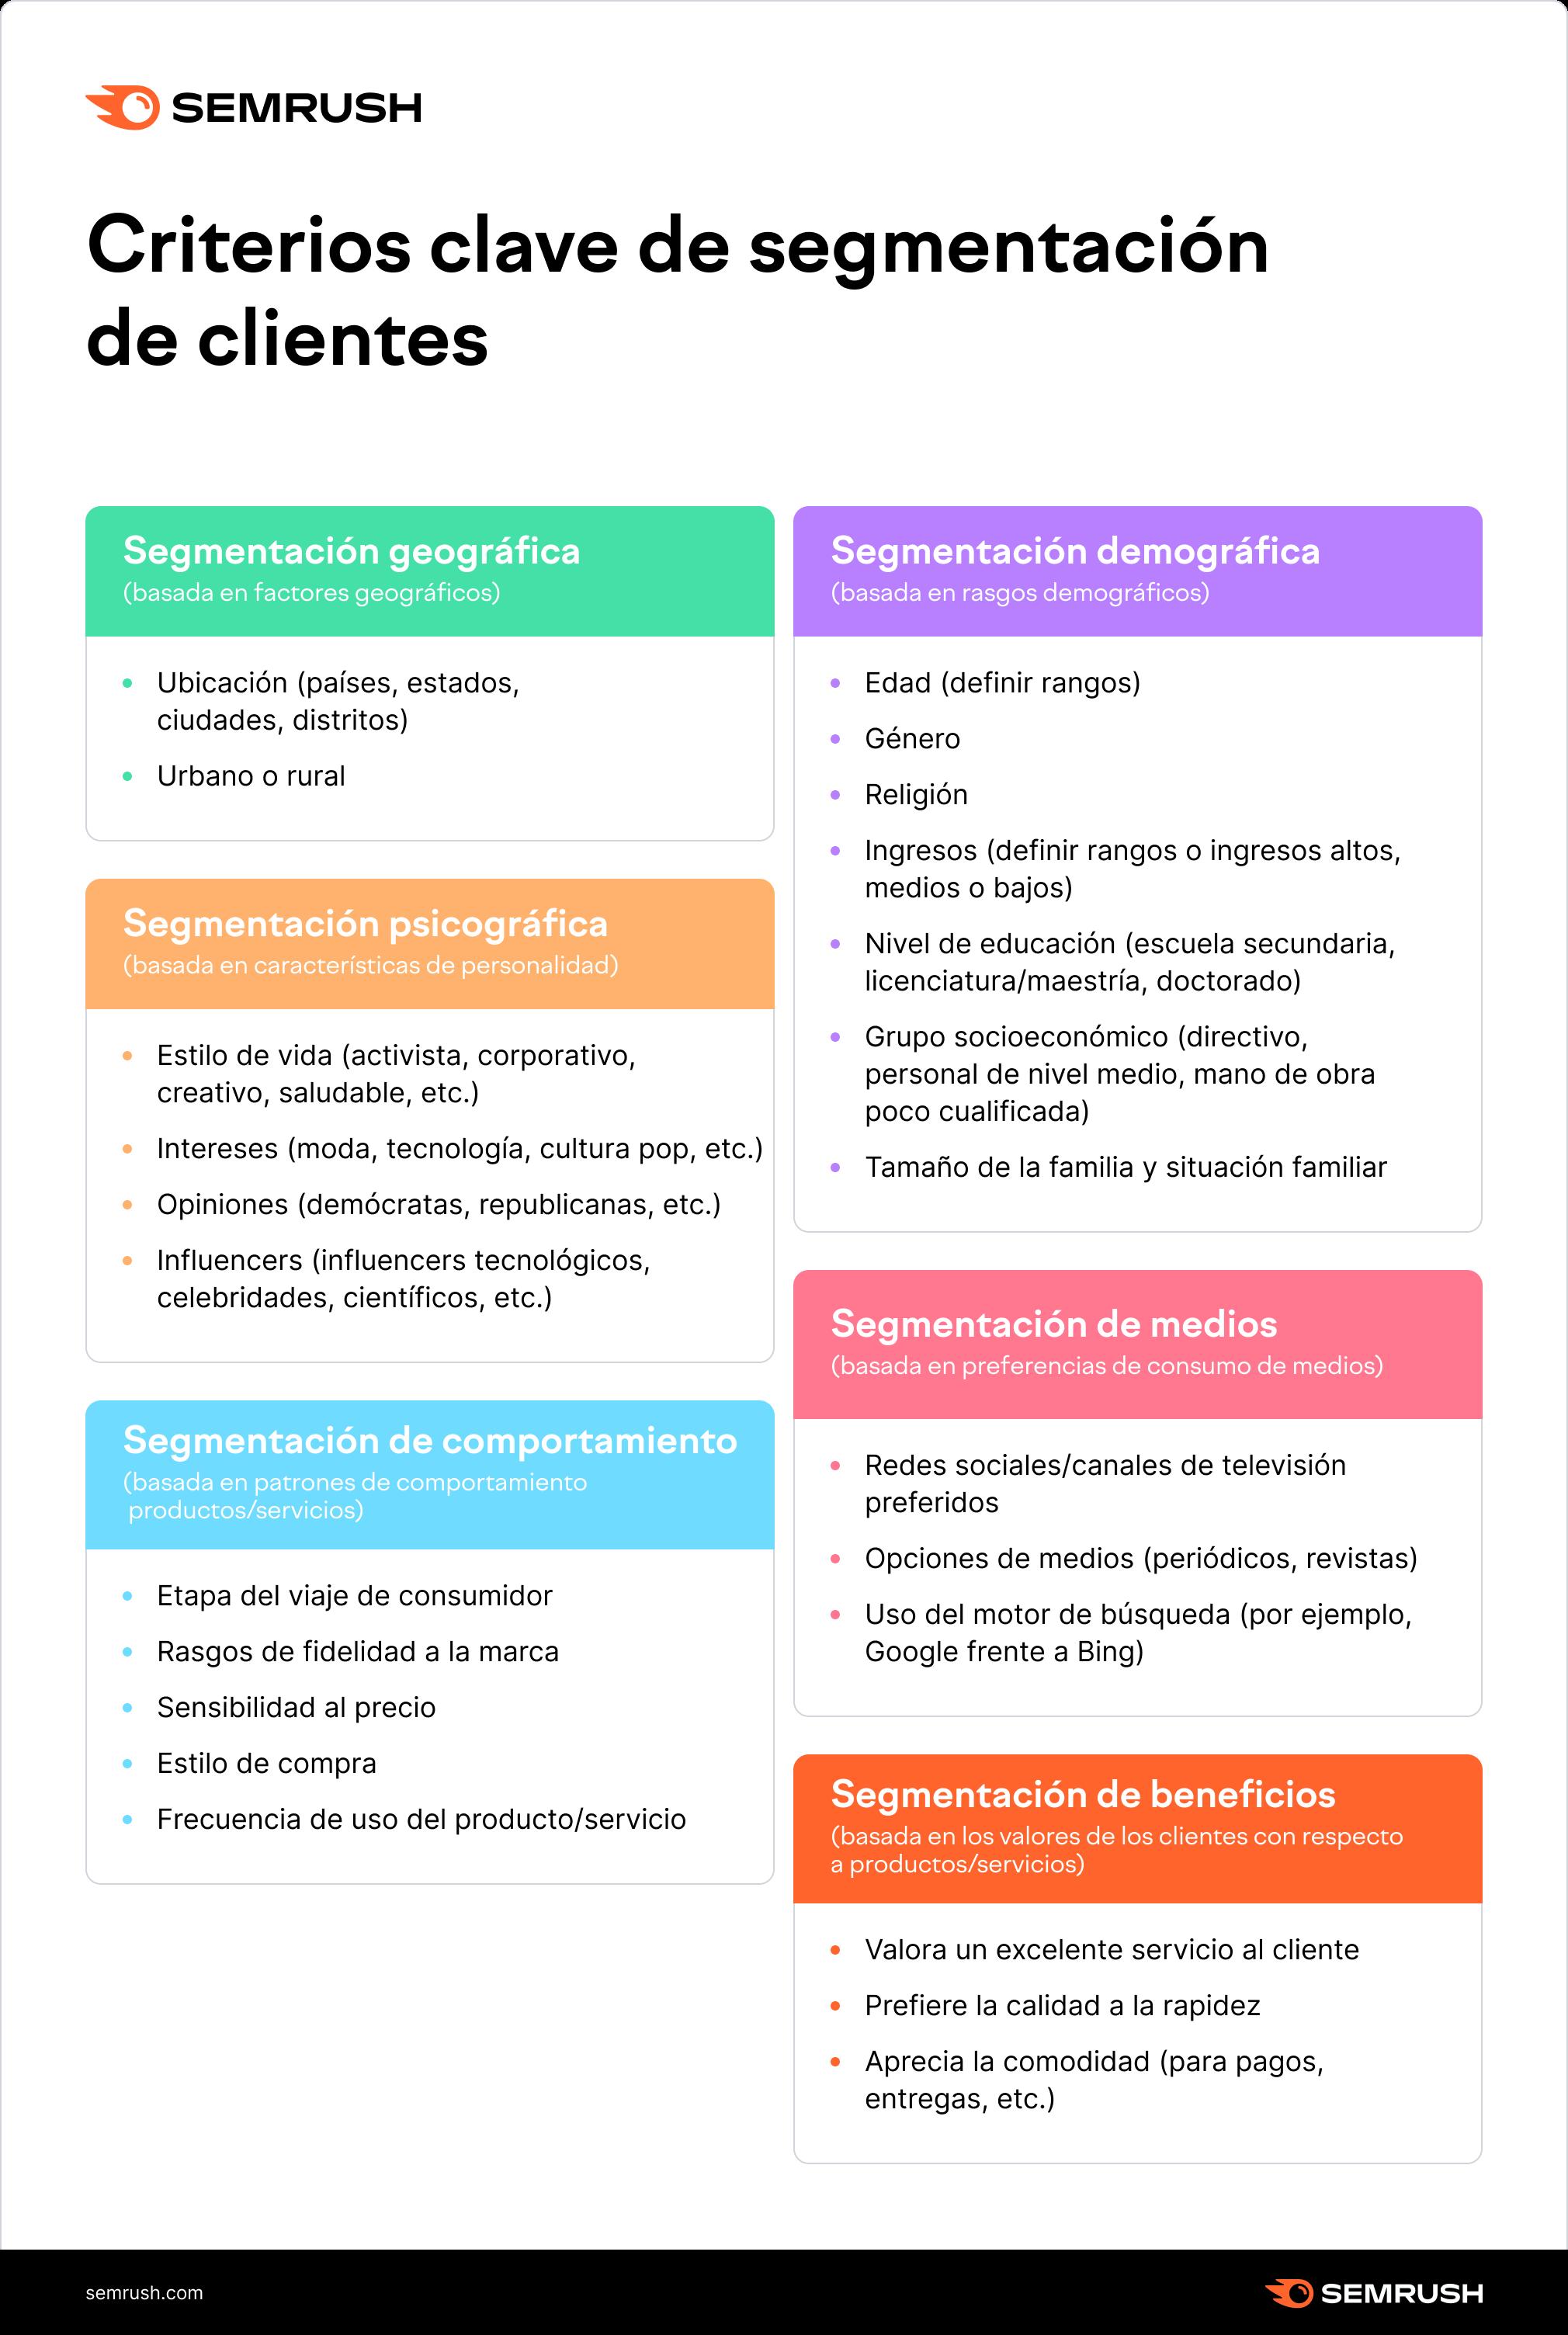 Criterios clave de segmentación de clientes